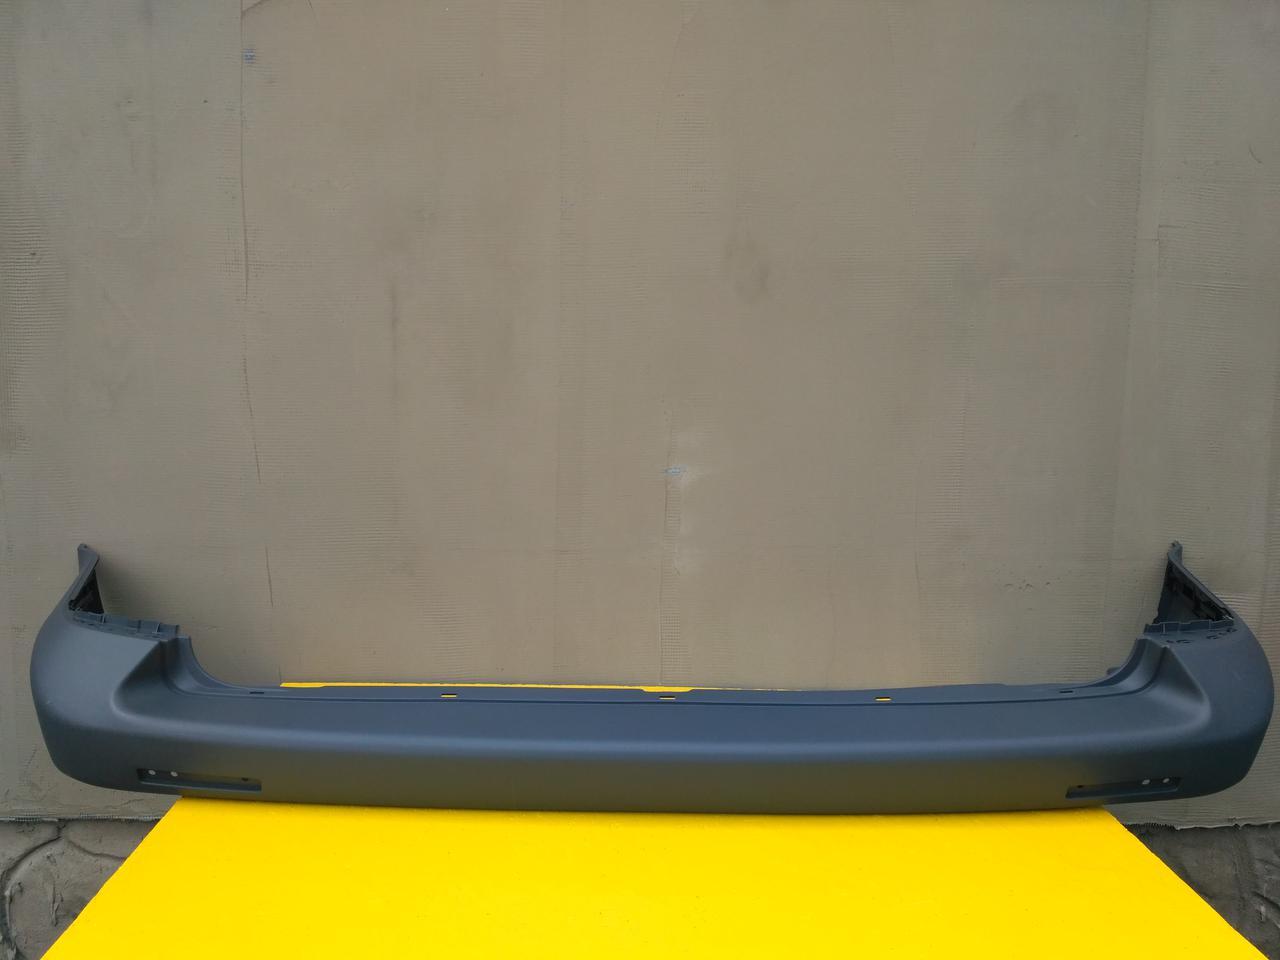 Бампер задний на транспортер вибрационный вертикальный конвейер